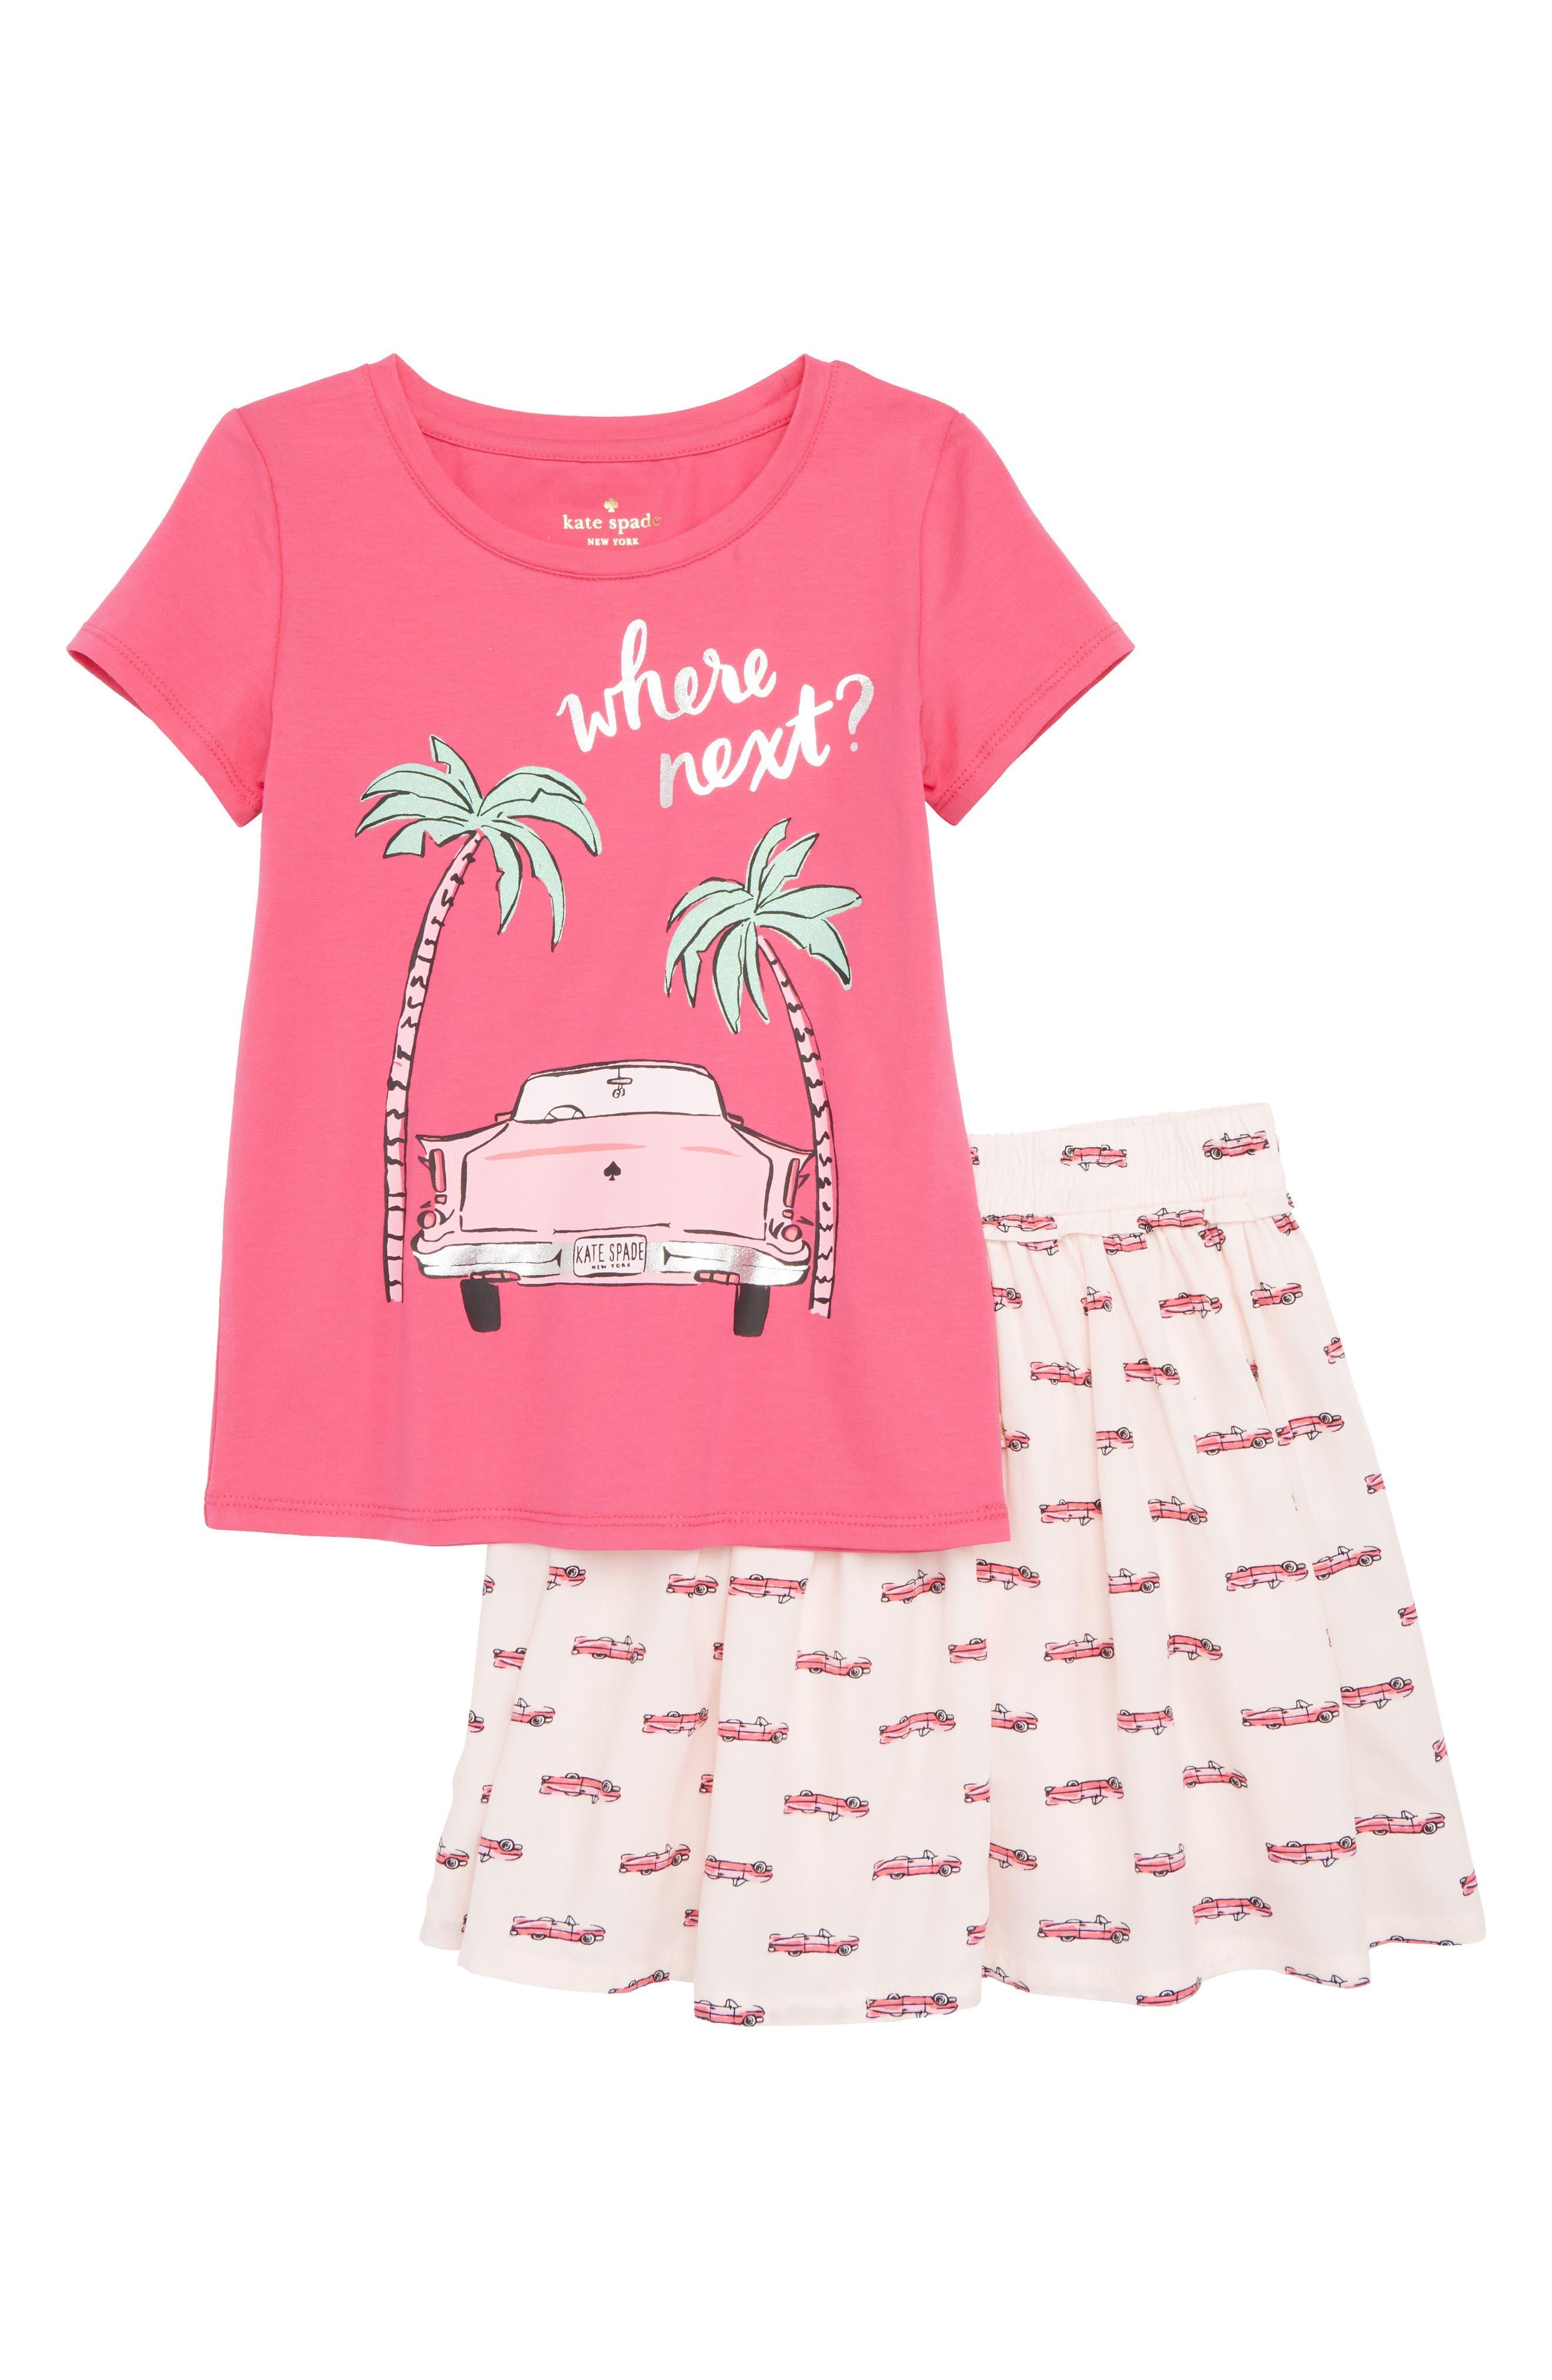 Alternate Image 1 Selected - kate spade new york where next top & skirt set (Toddler Girls & Little Girls)